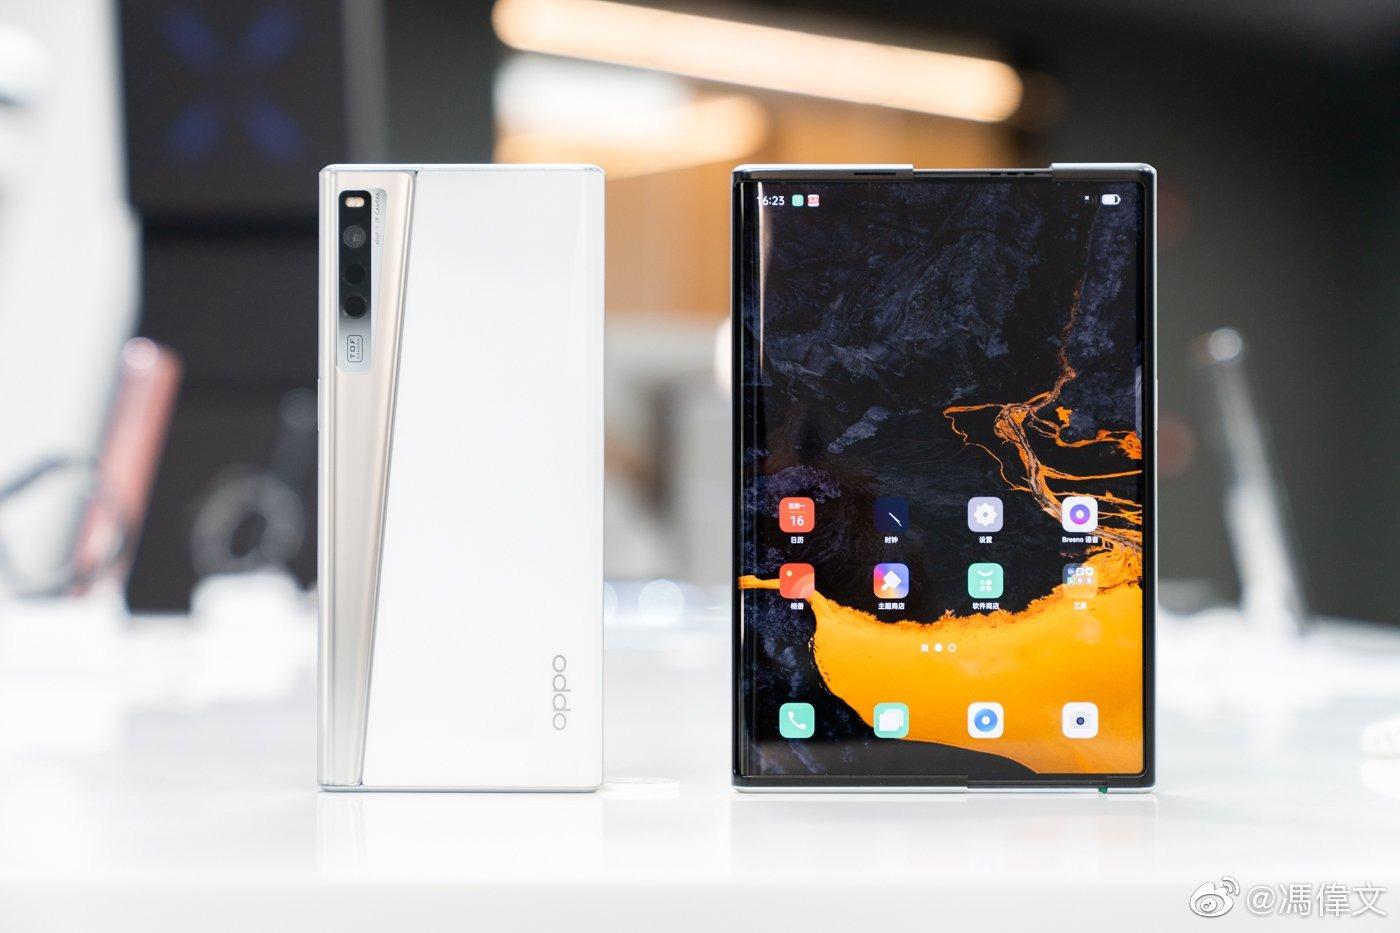 Honor revendu par Huawei, smartphone déroulable chez Oppo et plus de Tesla Model 3 à 35 000 dollars – Tech'spresso